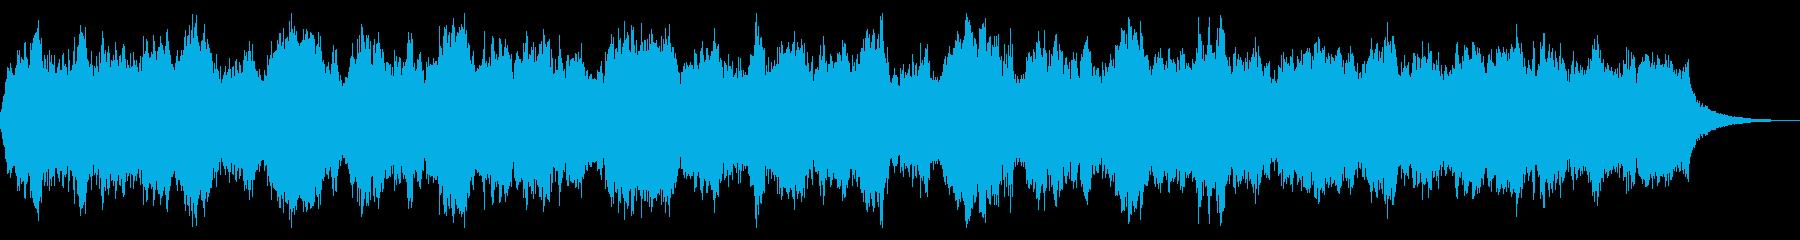 威風堂々 エドワードエルガー クラシックの再生済みの波形